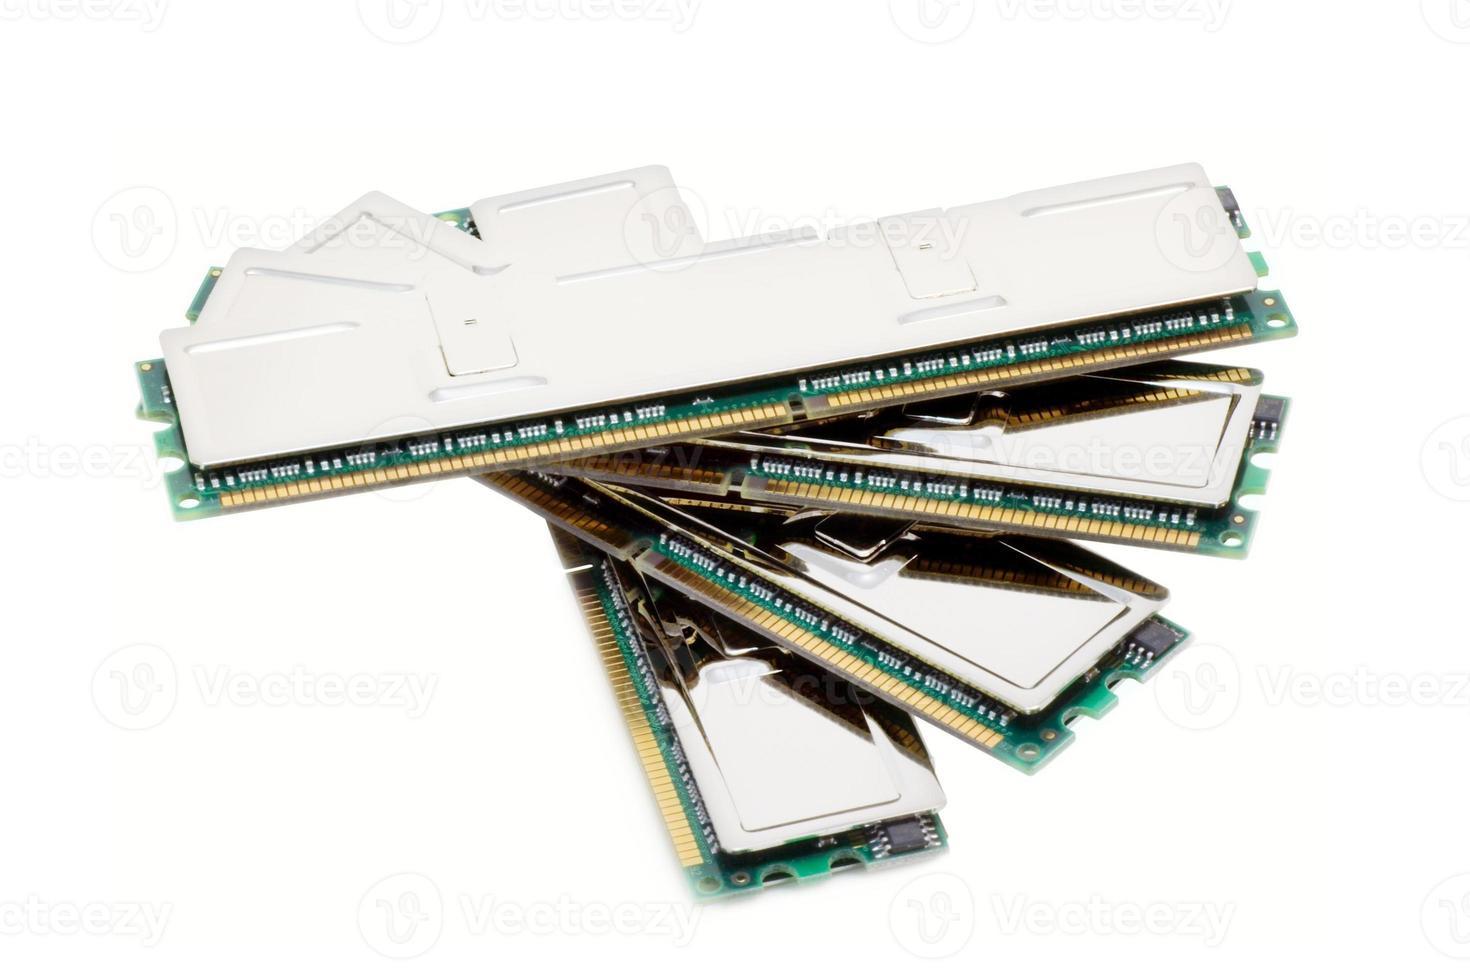 módulos de memoria de computadora de alta gama (aislados en blanco) foto